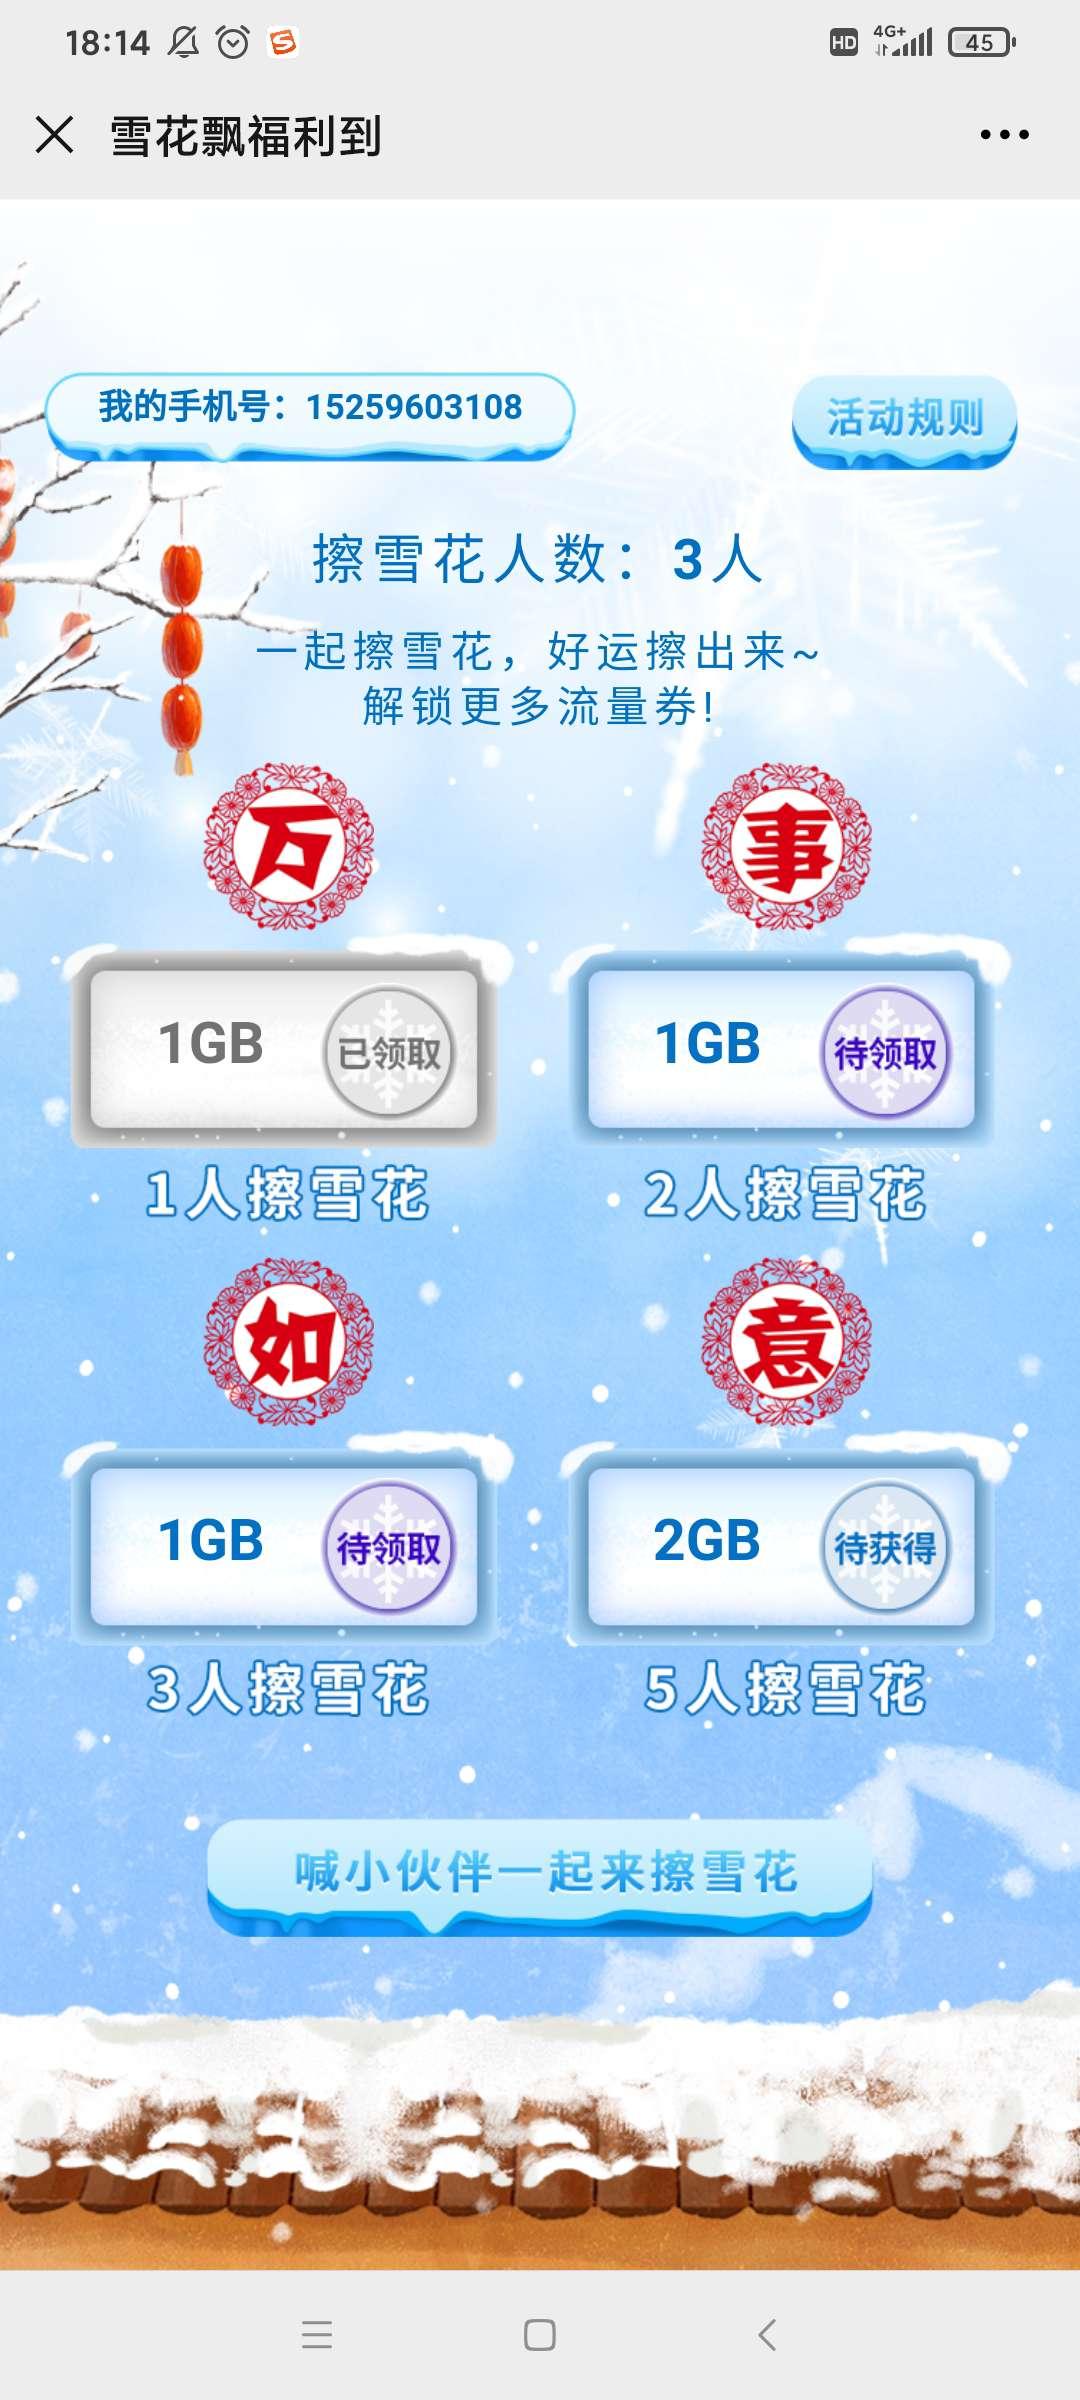 图片[1]-中国移动和粉俱乐部领1g流量-老友薅羊毛活动线报网